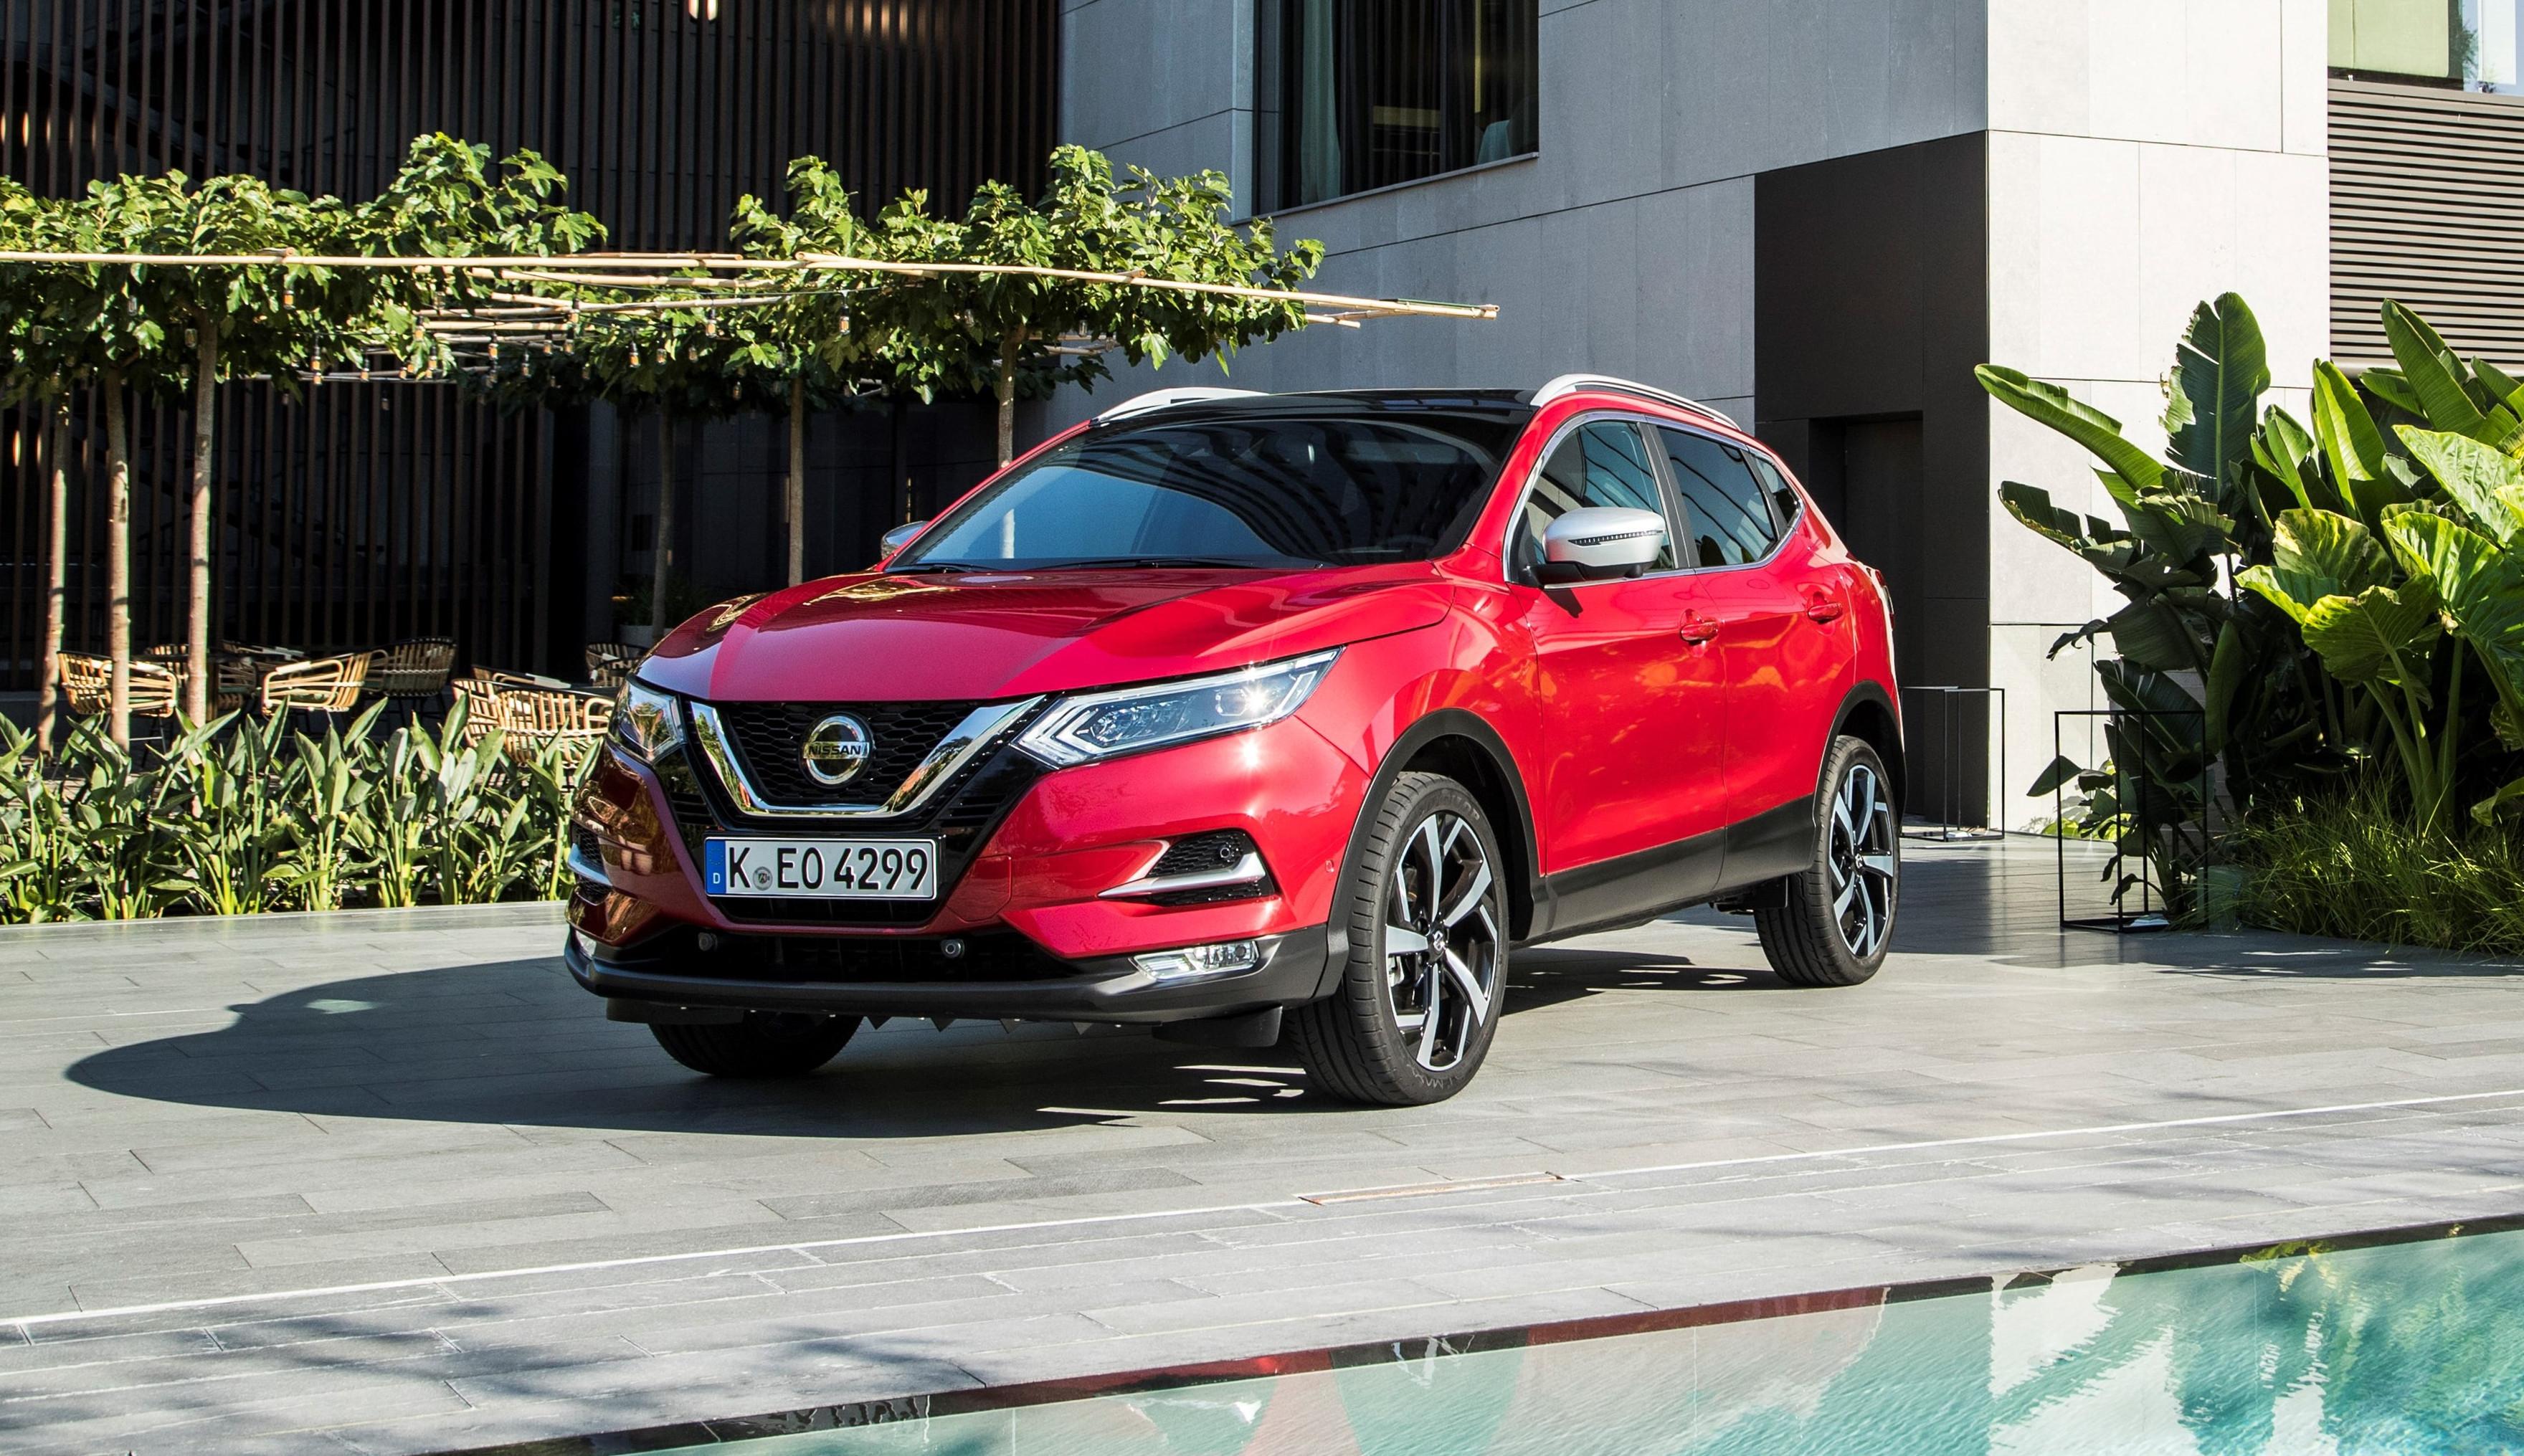 Nissan tõi turule uue tõhusa 1,3-liitrise bensiinimootori, et muuta Qashqai veelgi veetlevamaks